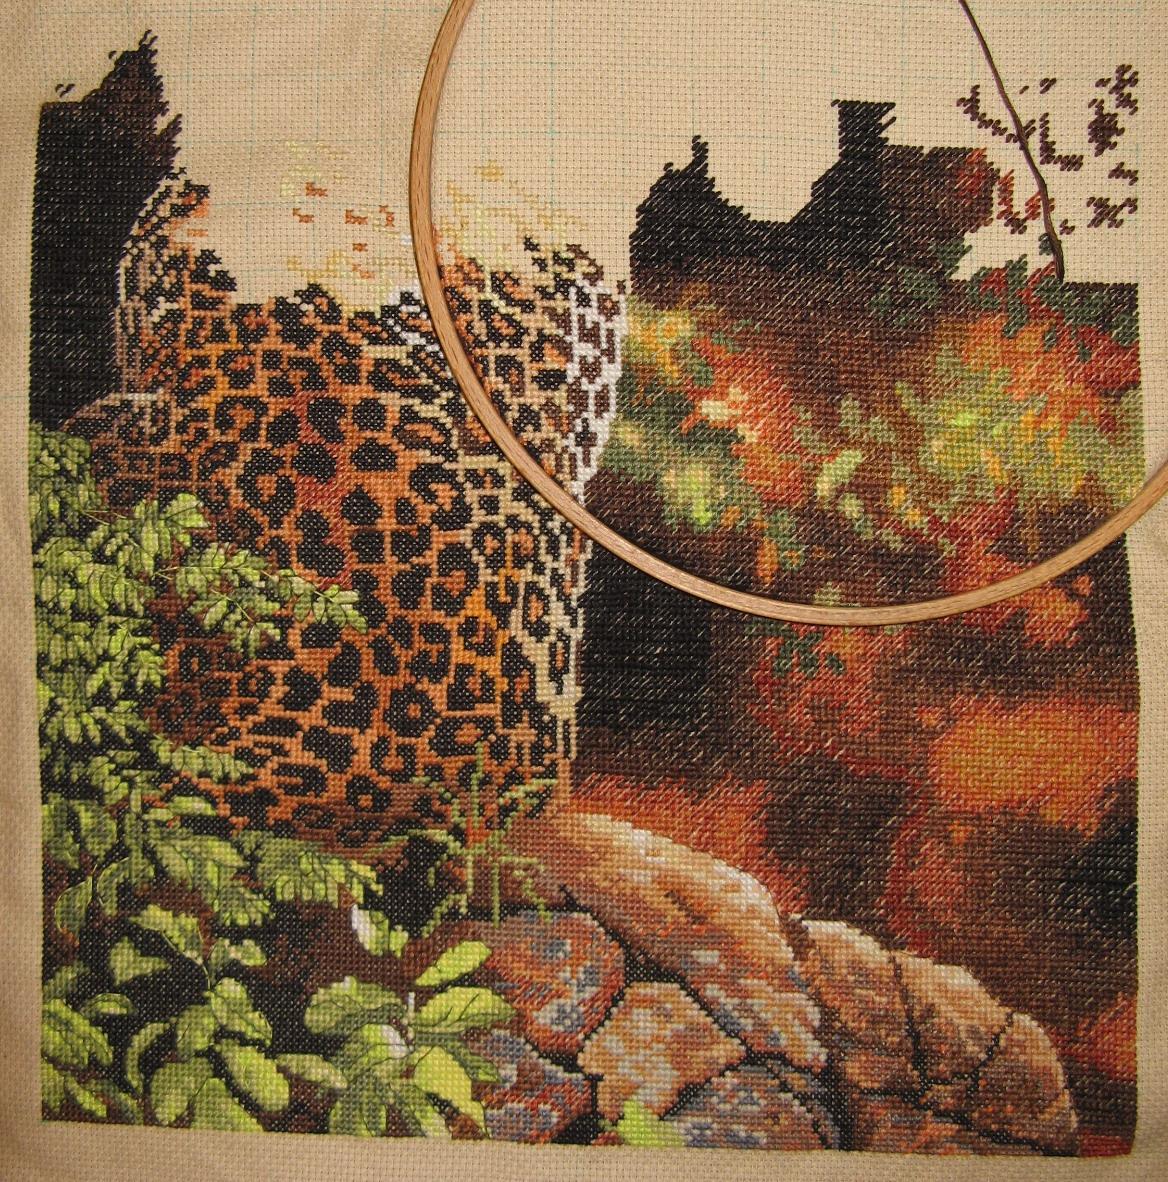 Вышивка леопард на отдыхе 11